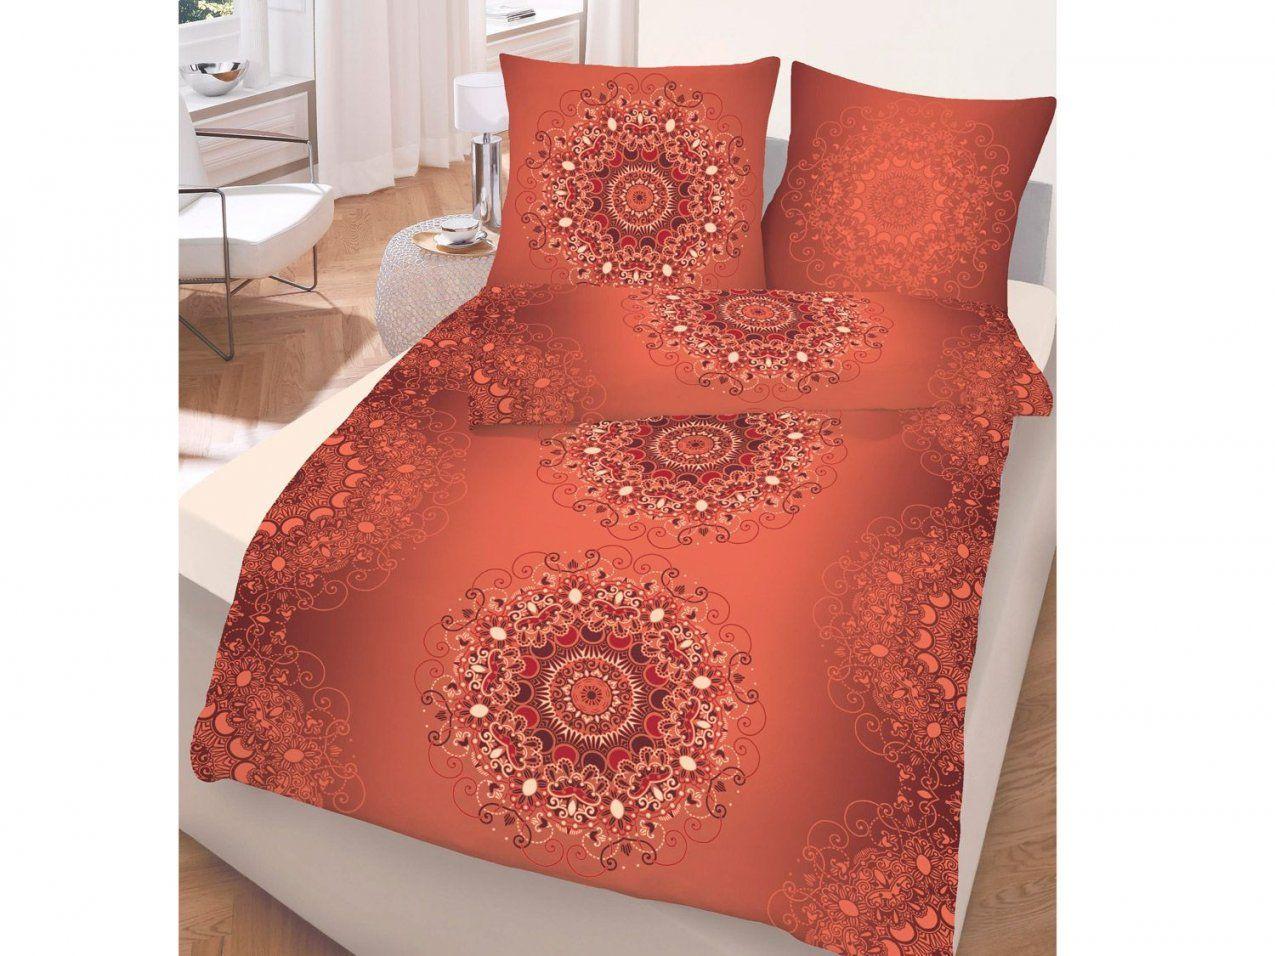 Dobnig Biberbettwäsche Orient Pastellorange 135 X 200 Cm  Lidl von Biber Bettwäsche Orange Photo